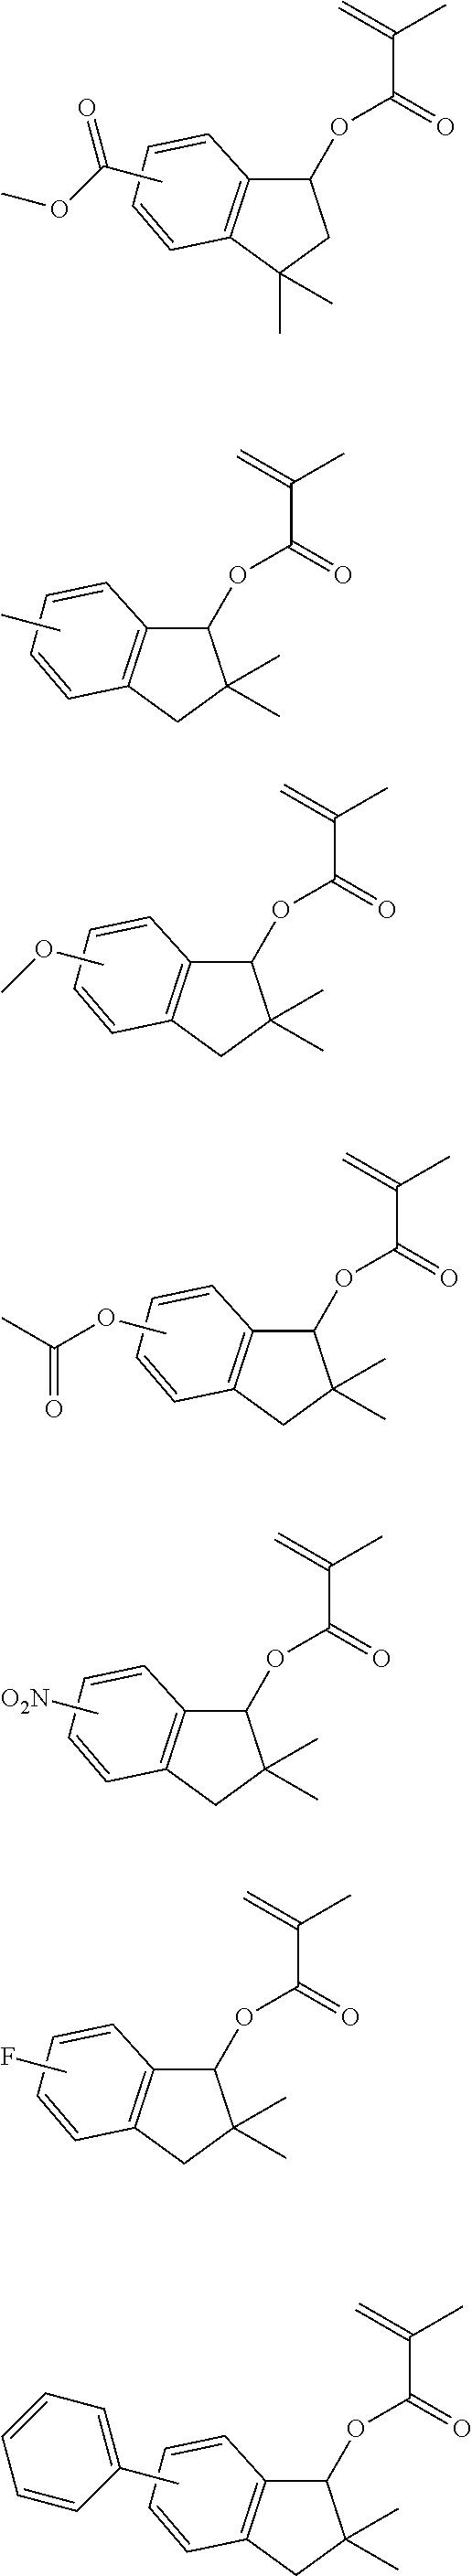 Figure US09040223-20150526-C00098